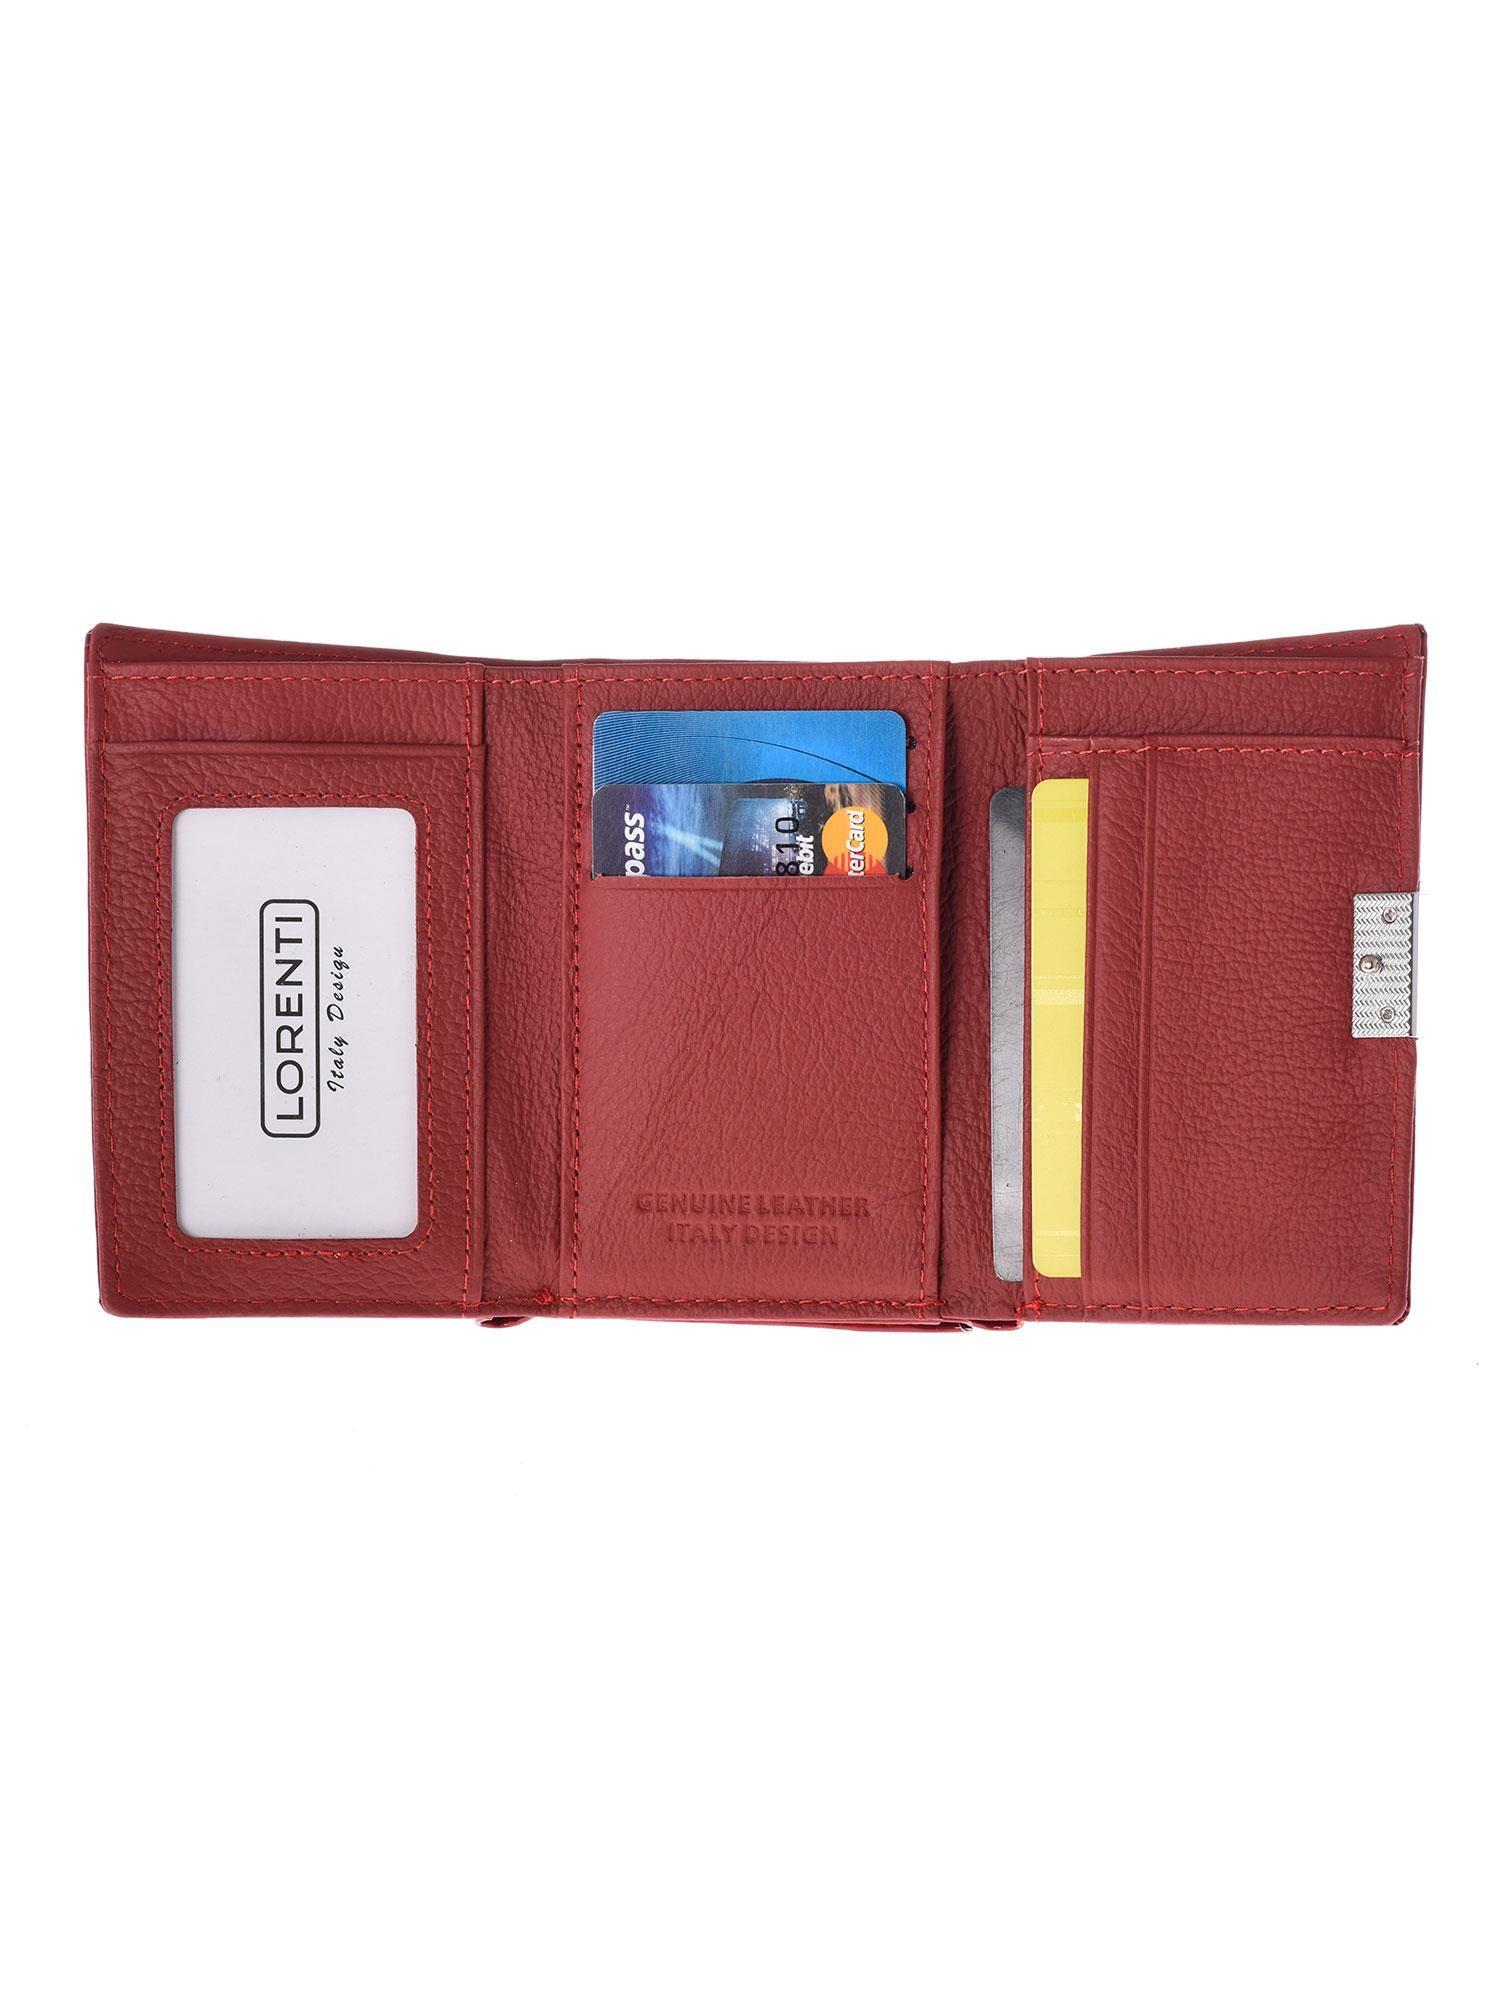 2729b79b9659f 2 · Czerwony skórzany portfel damski ze wzorem skóry krokodyla ...